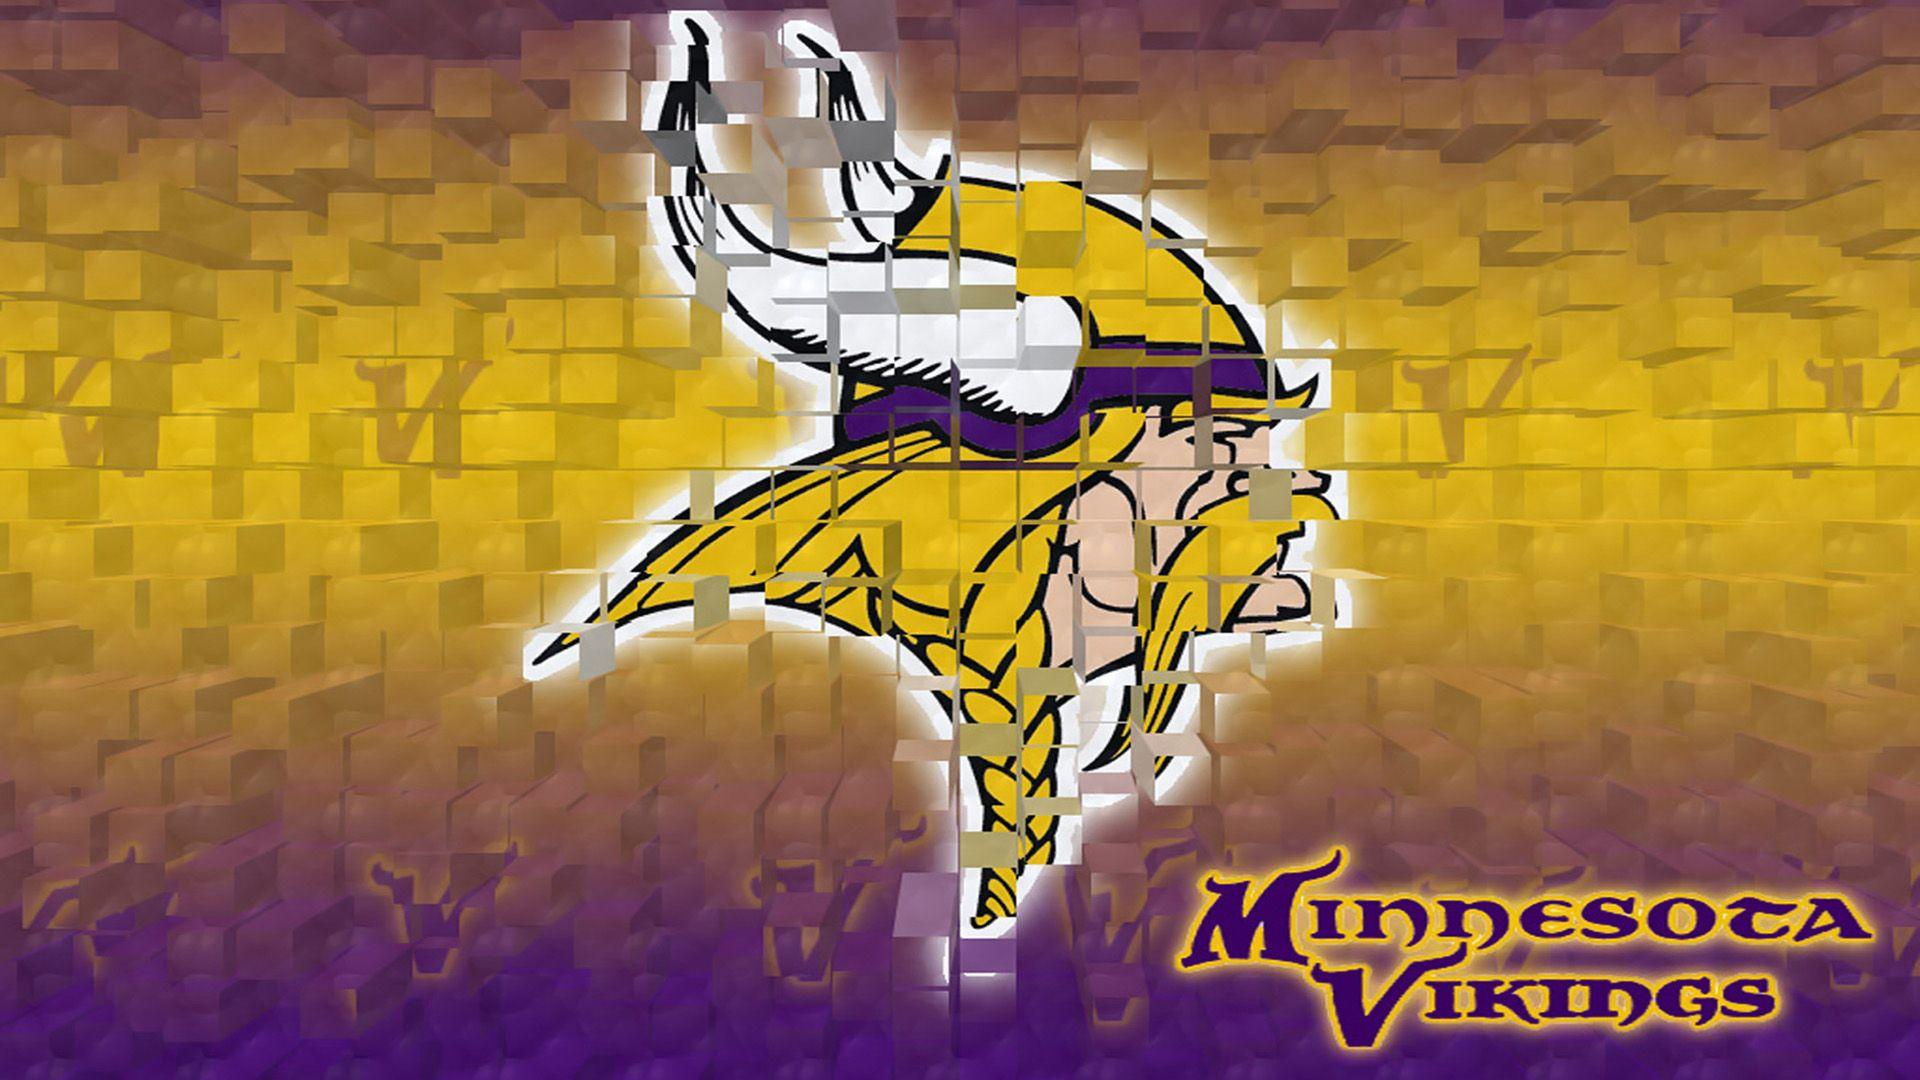 Minnesota Vikings wallpaper for pc